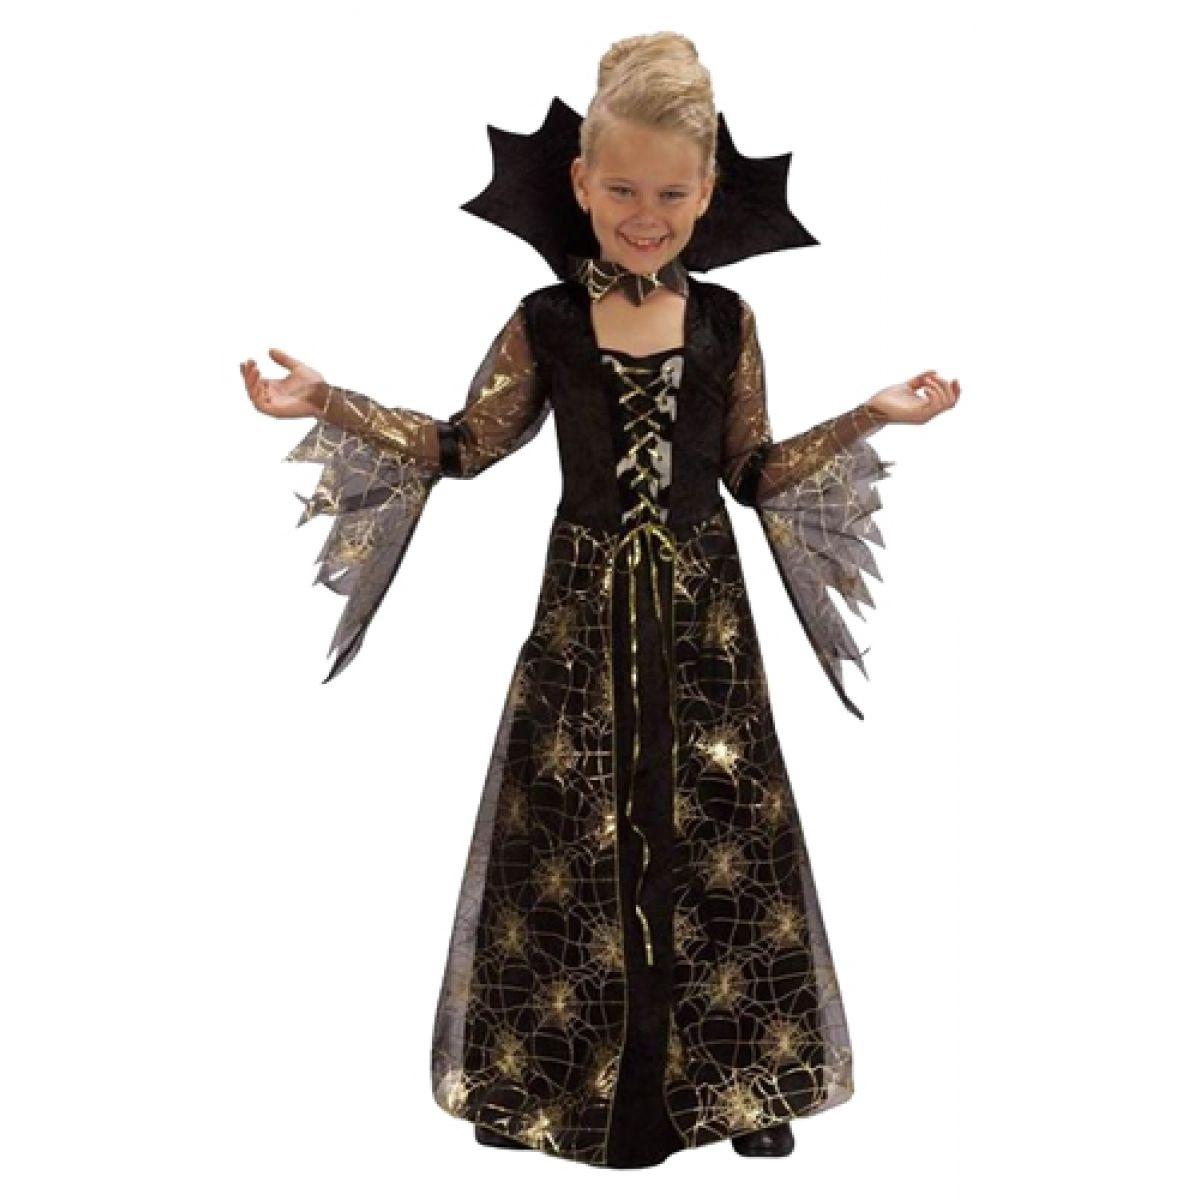 Made Dětský kostým pavoučí královna vel. M